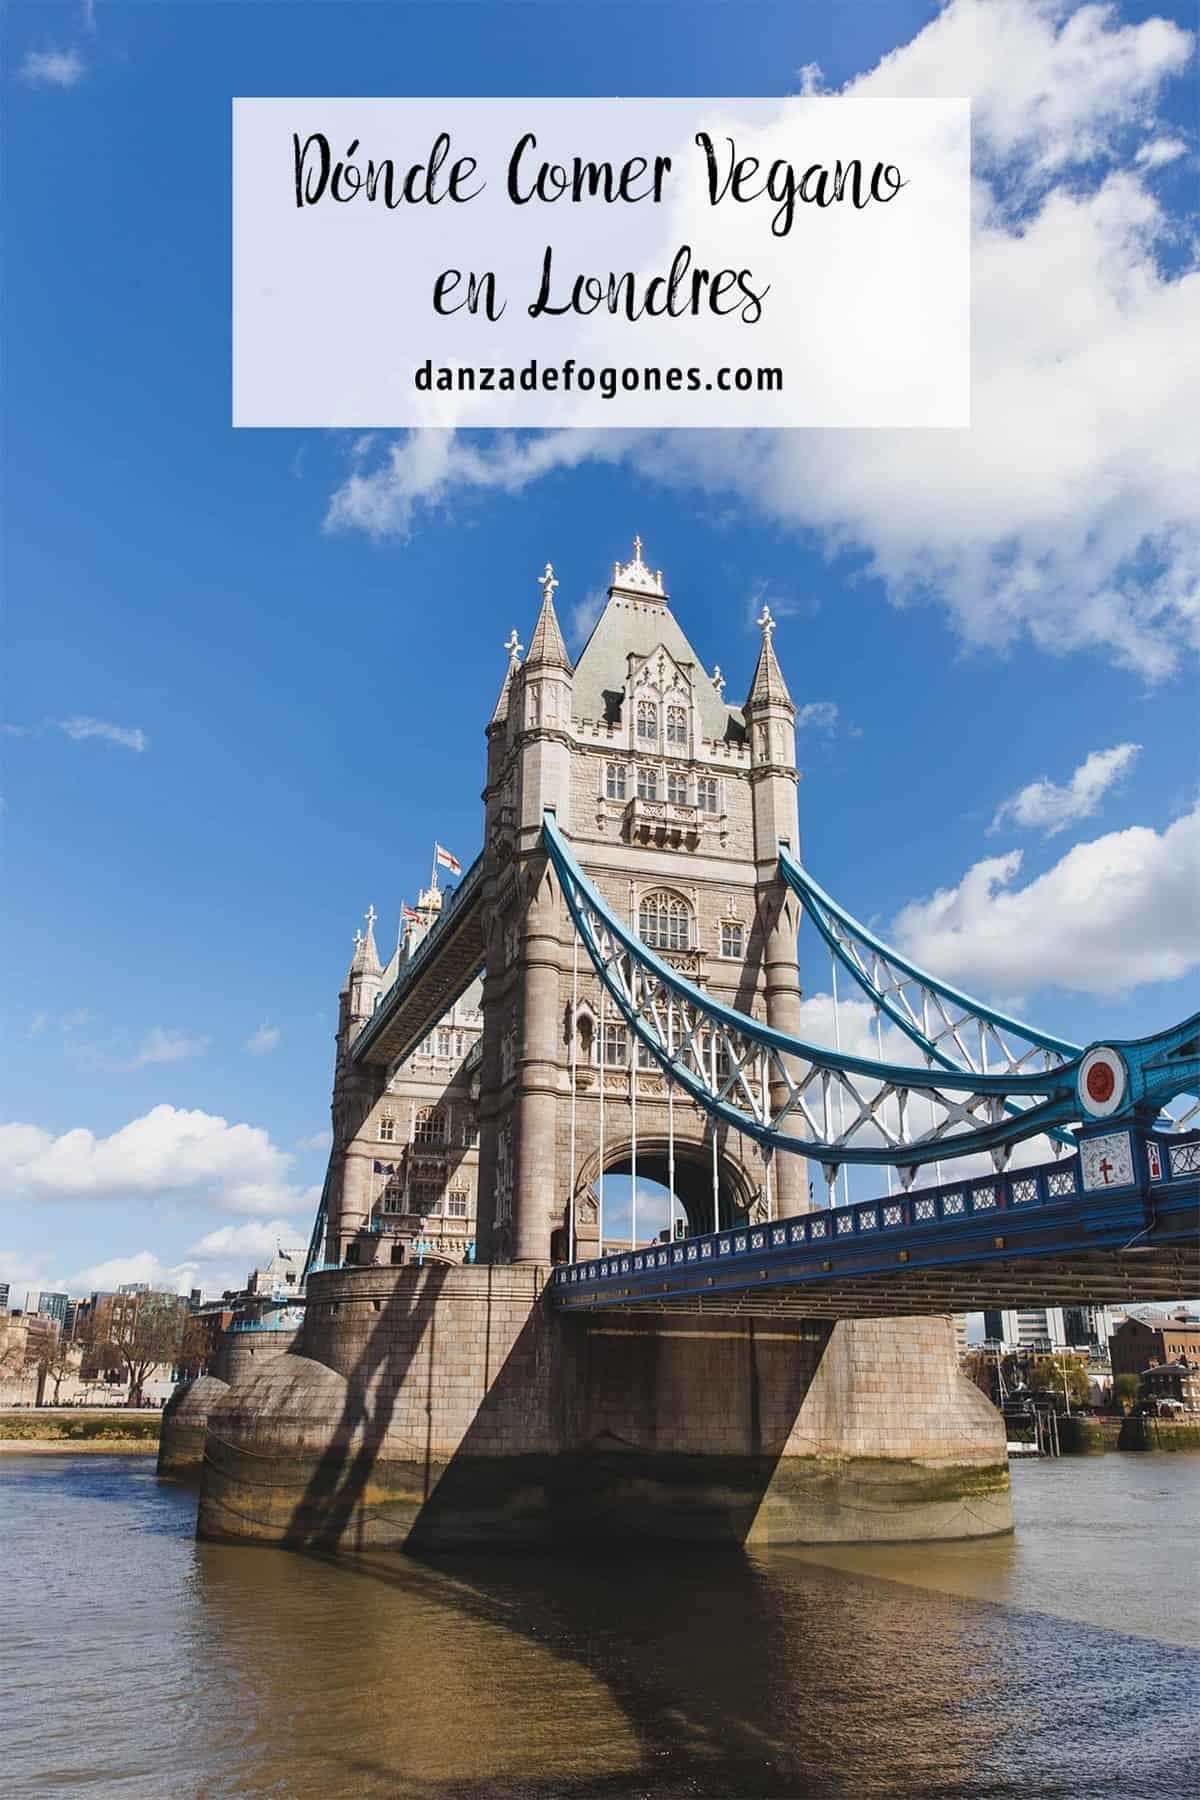 Dónde Comer Vegano en Londres